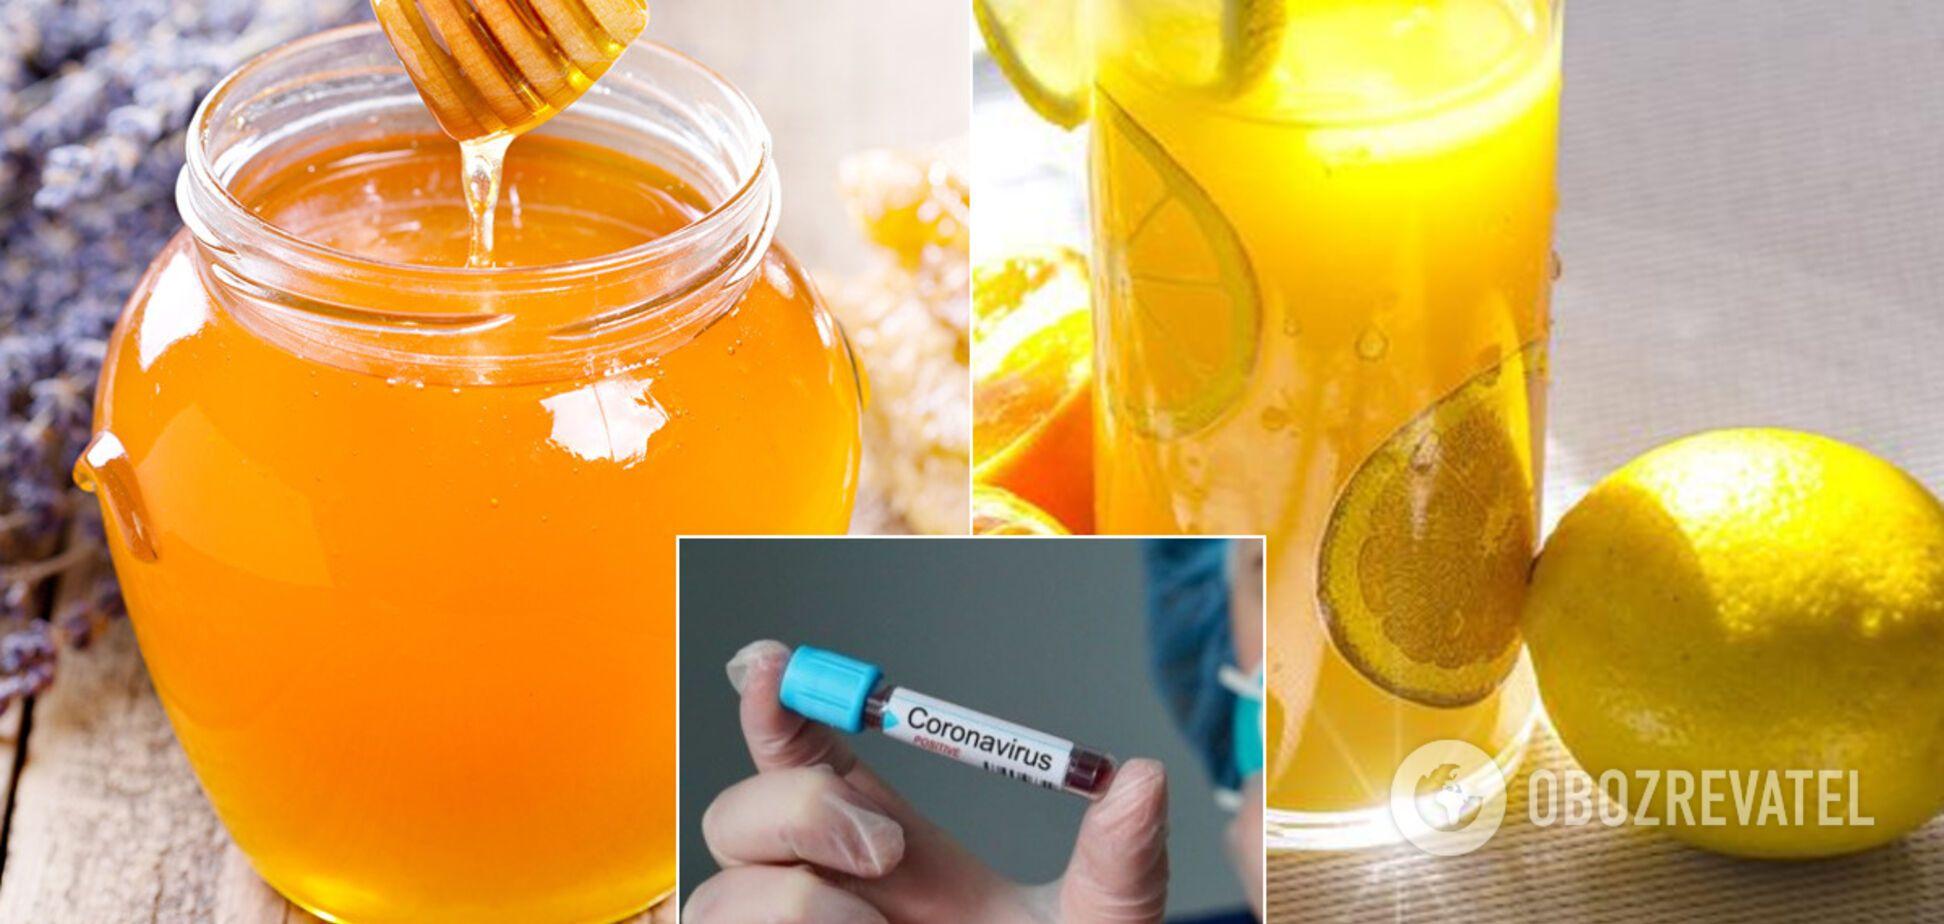 В ВОЗ объяснили, вылечит ли мед, лимон и имбирь от коронавируса. Иллюстрация